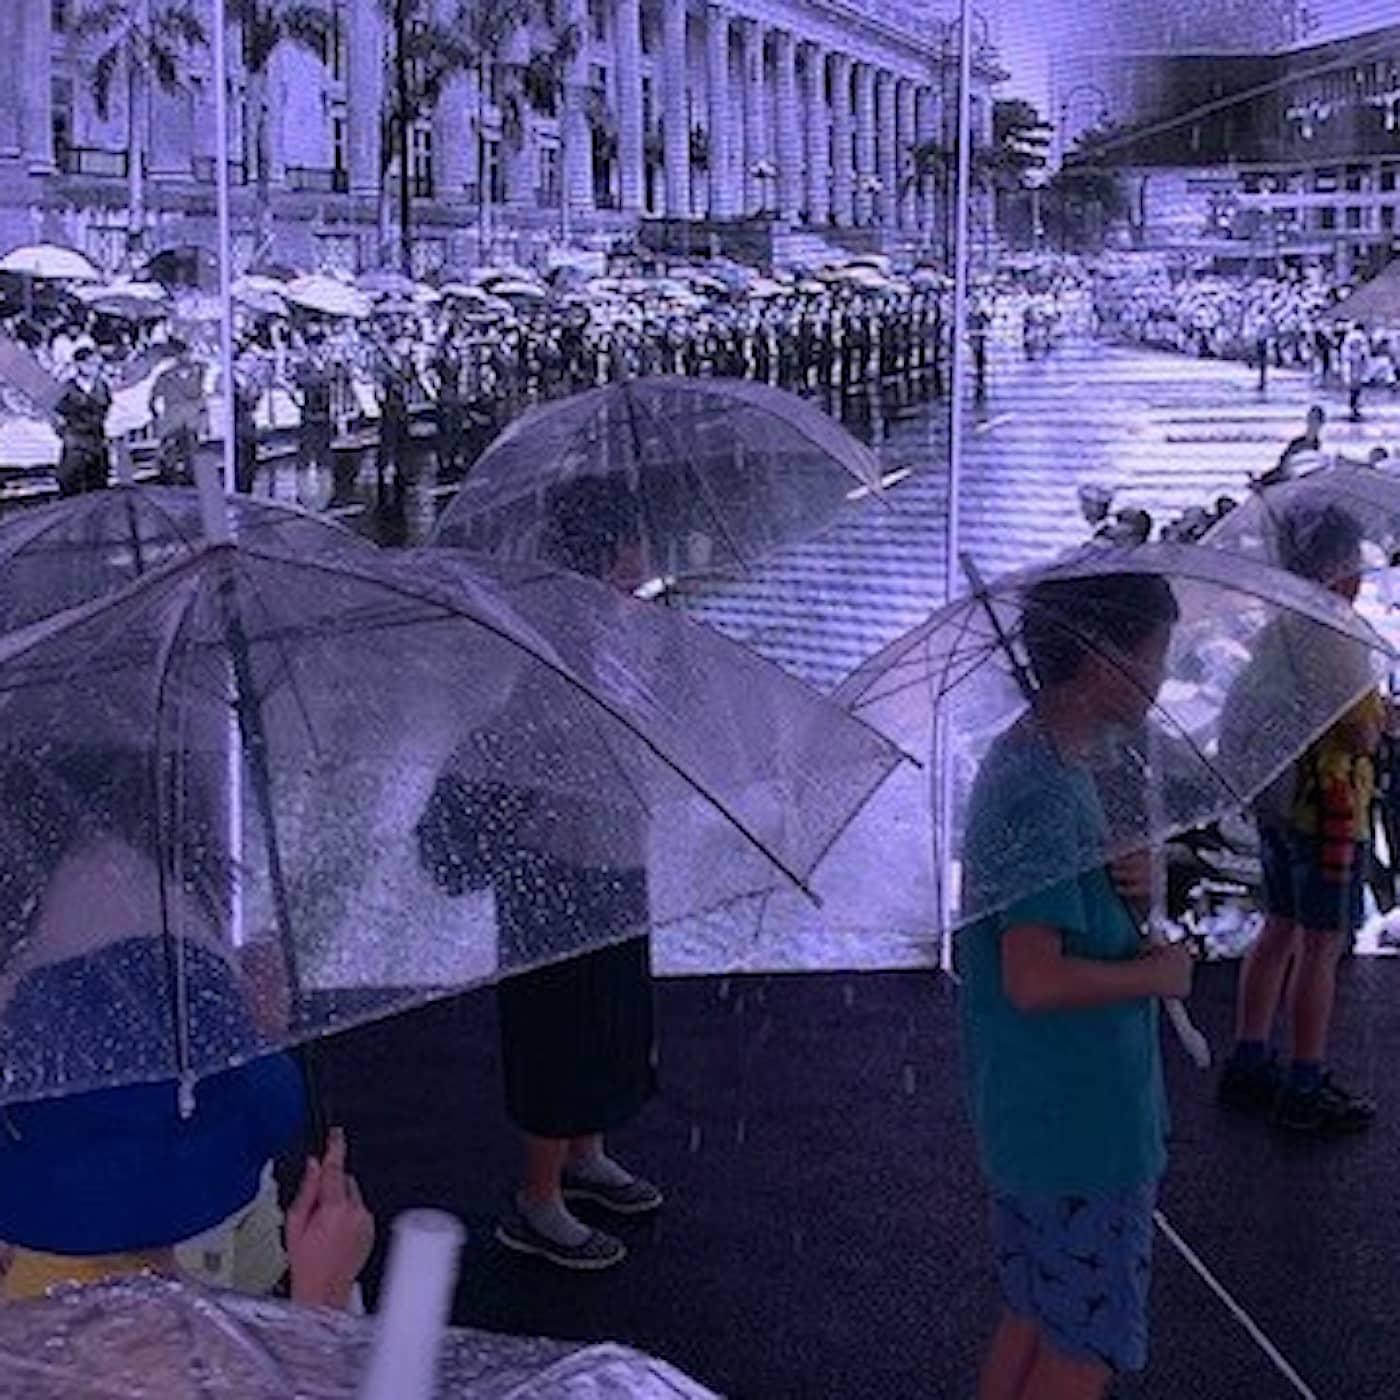 Giftiga svärd nya ledtrådar till Singapores historia